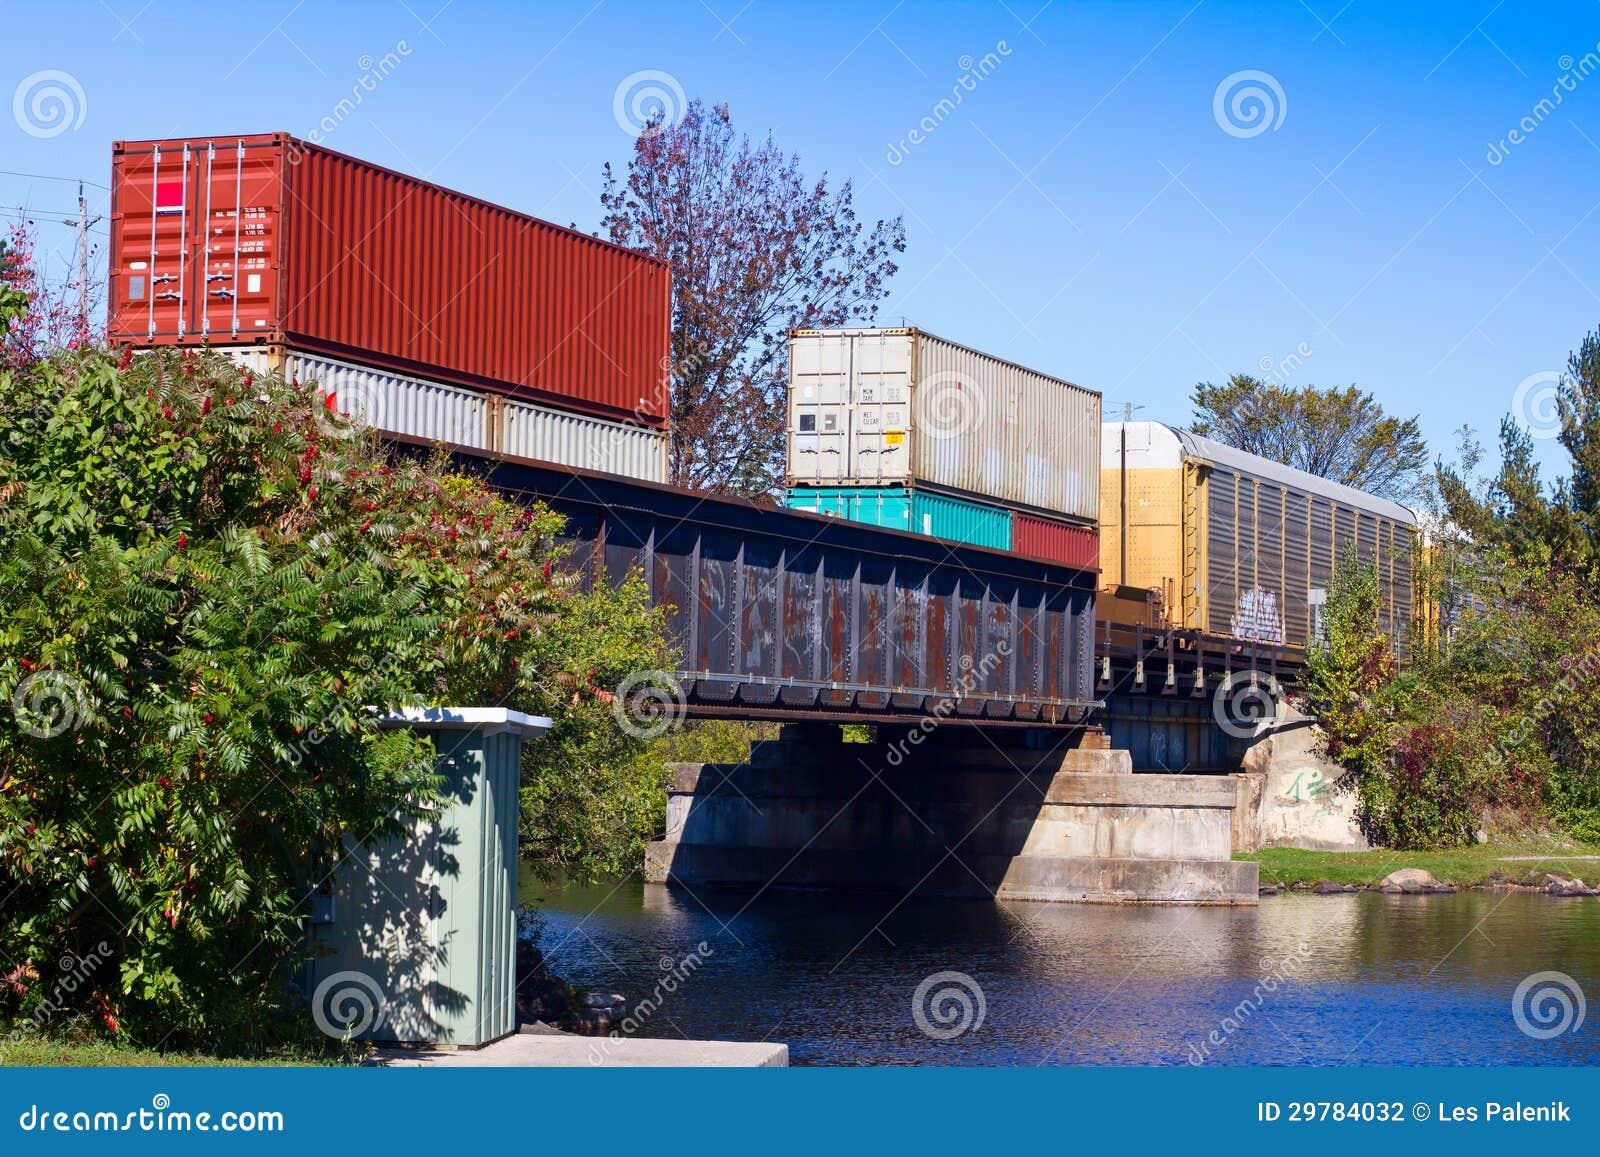 Goederentrein op een brug